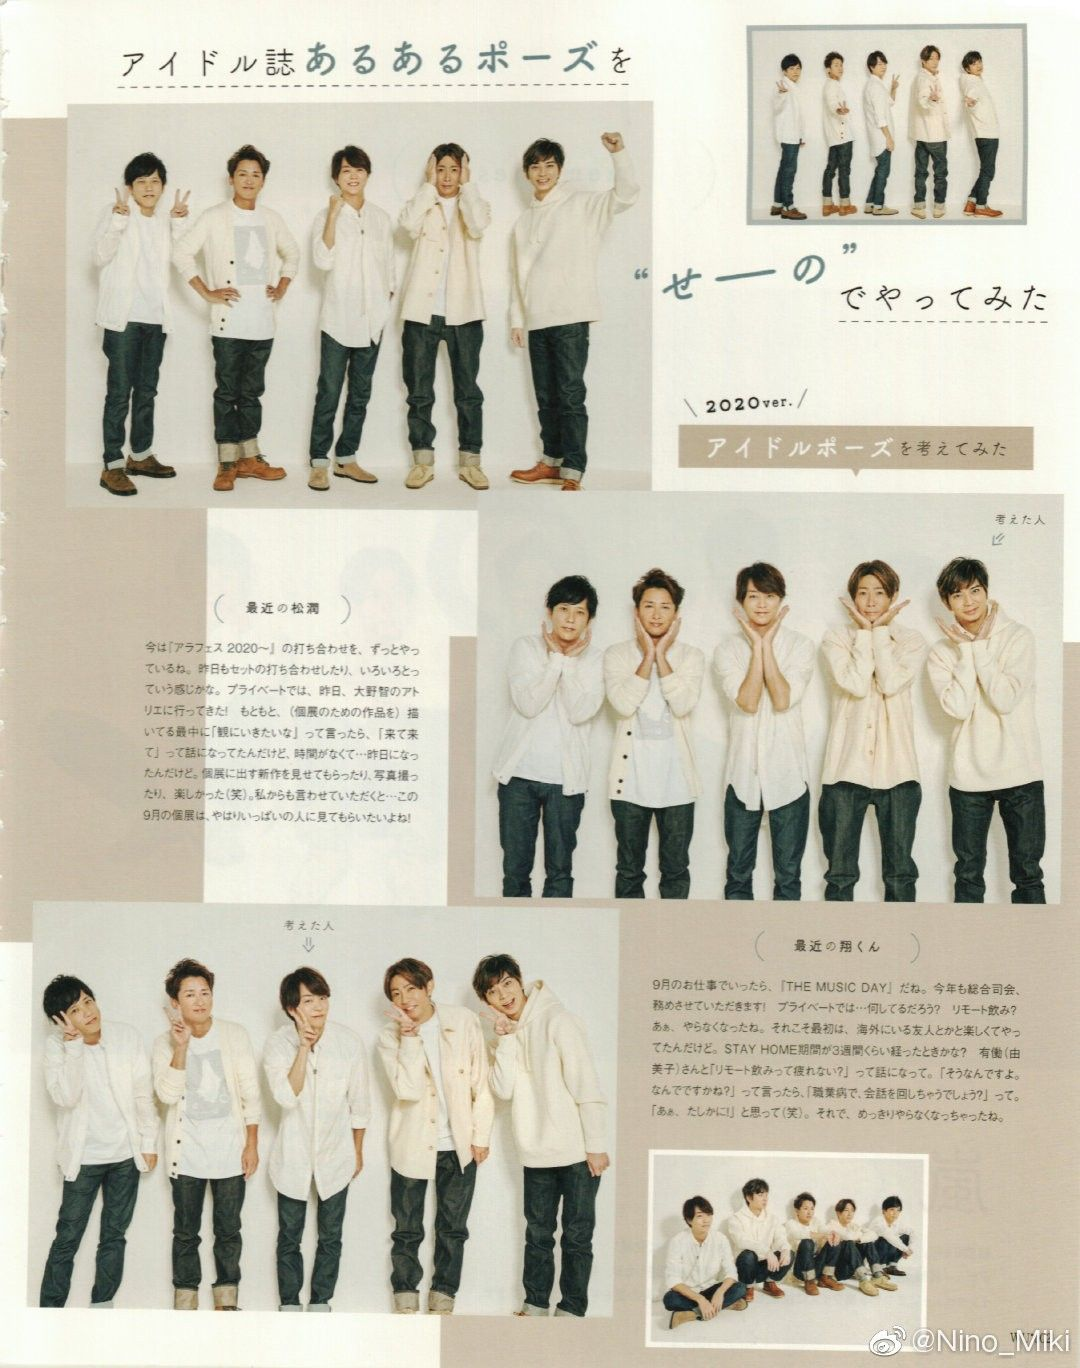 嵐 arashi j storm おしゃれまとめの人気アイデア pinterest rice omelethermione 嵐5人 嵐 虹 山夫婦